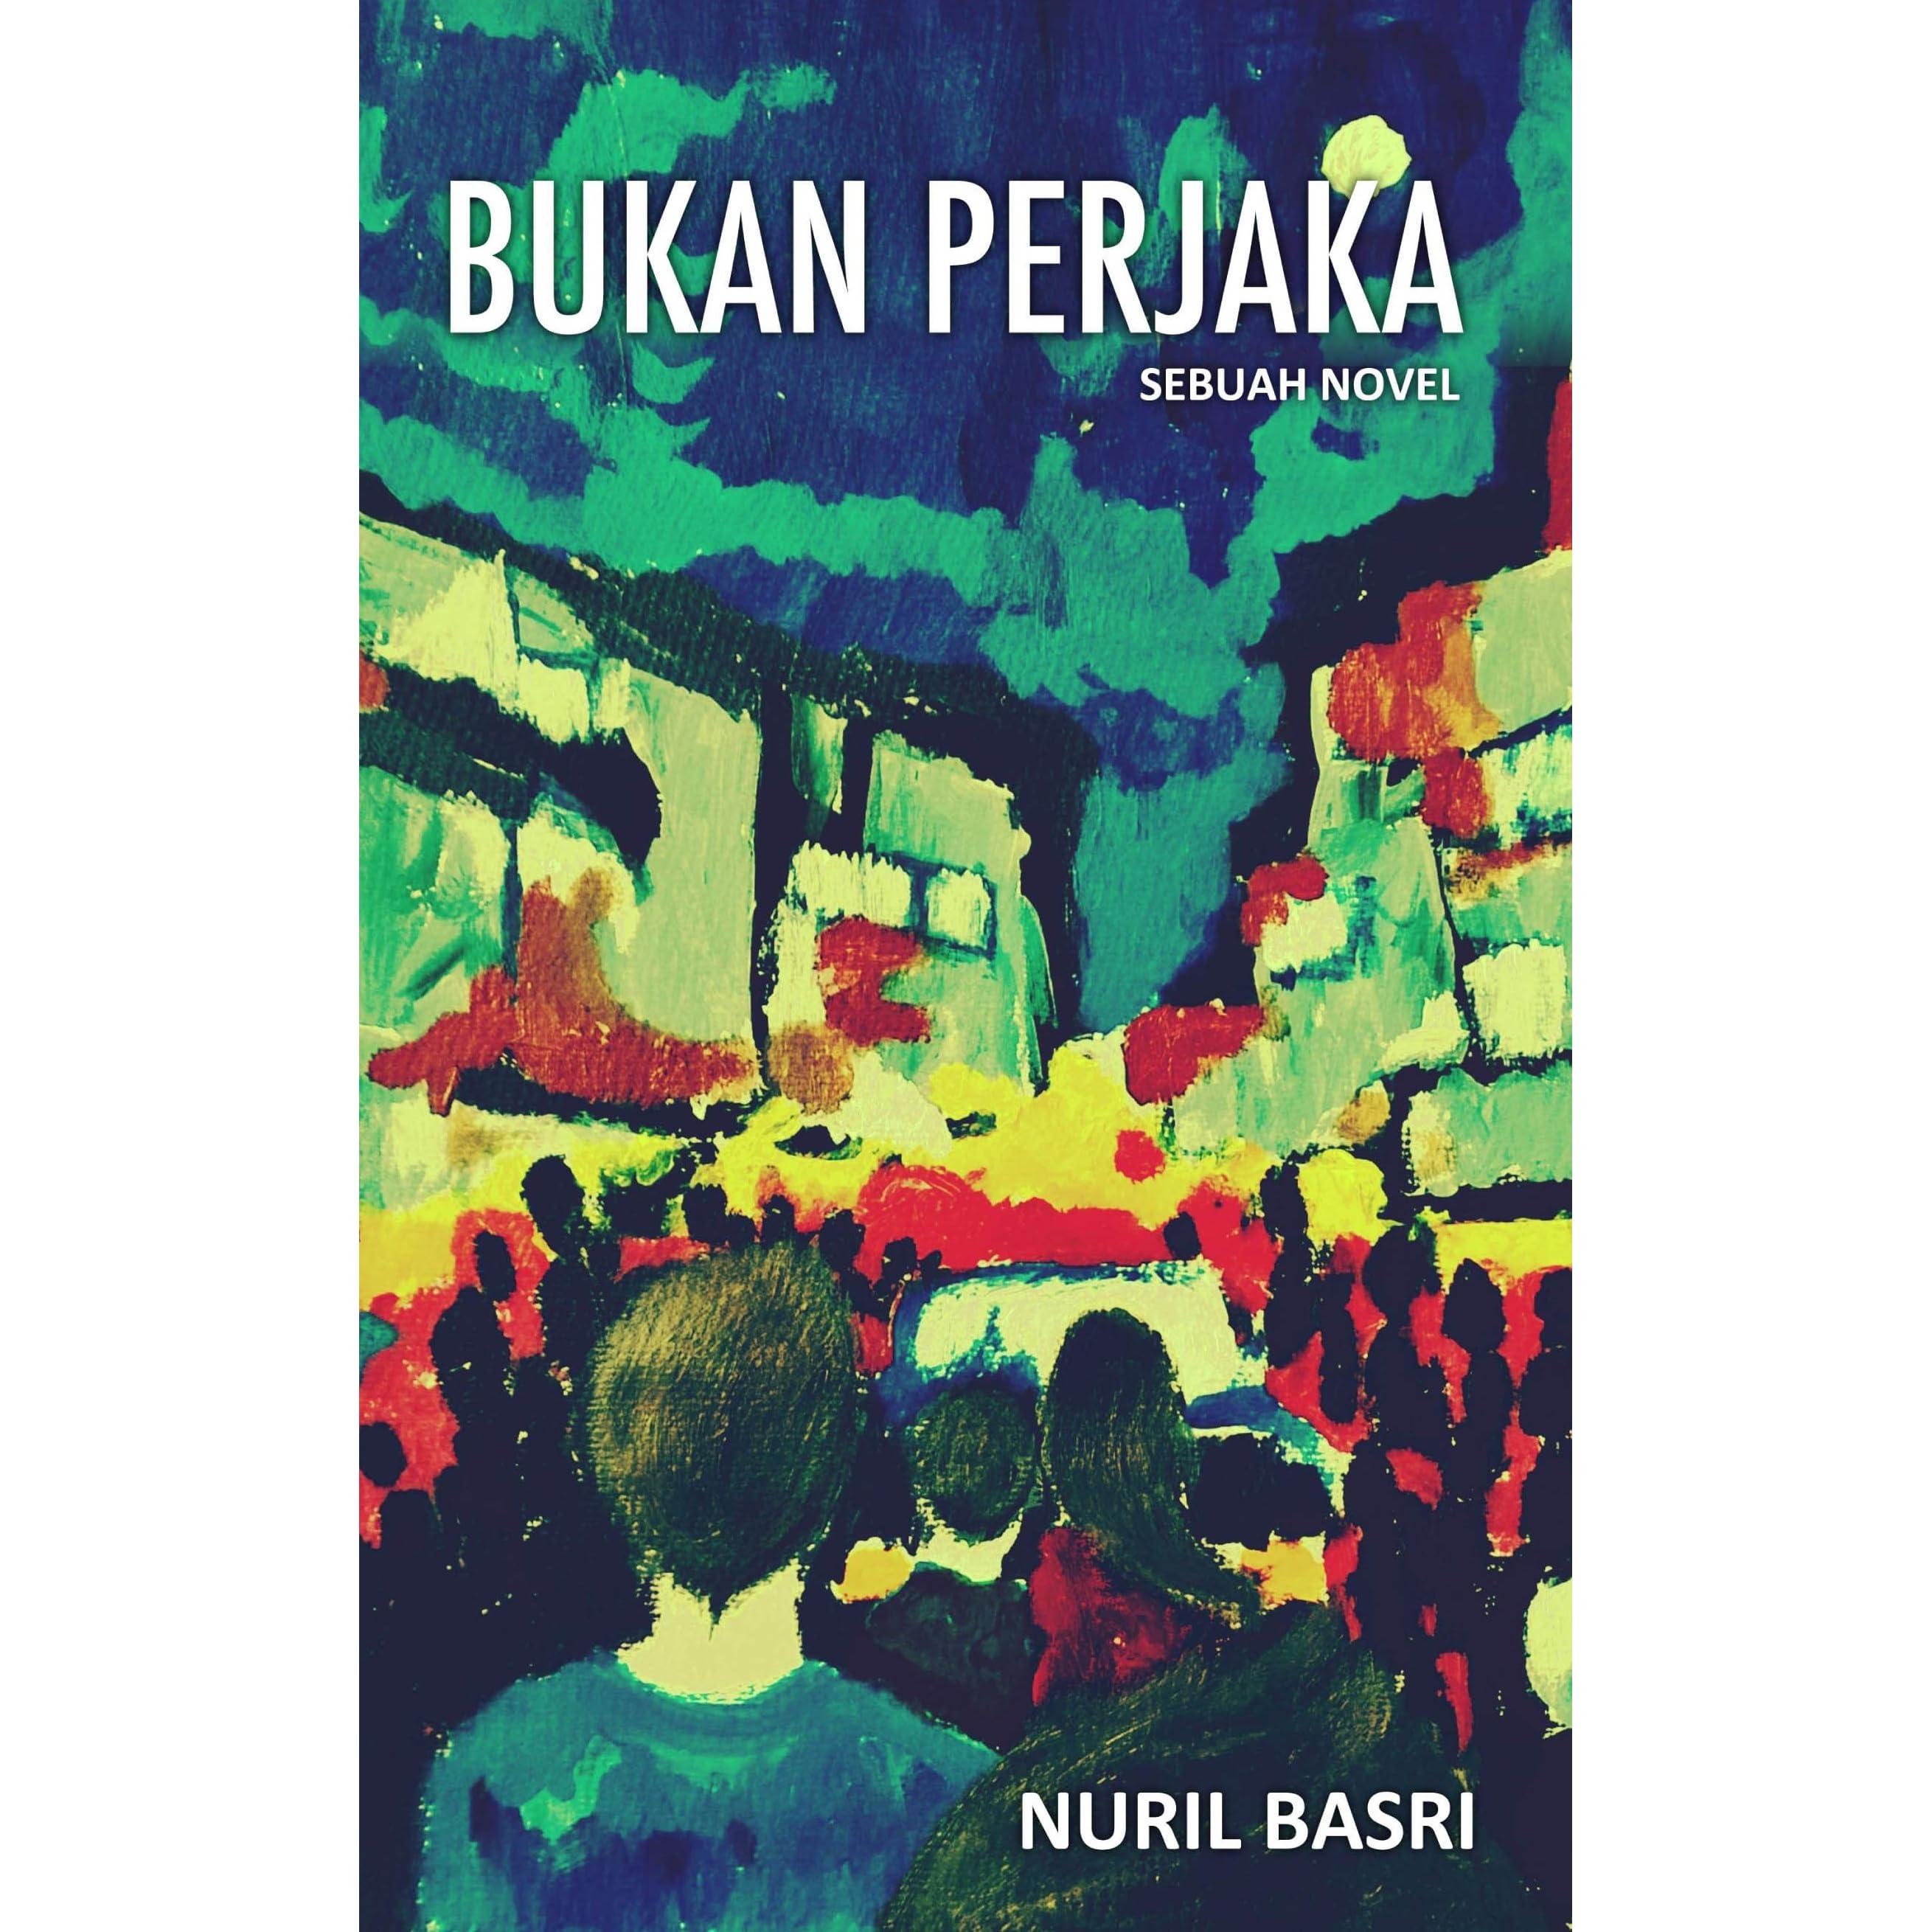 Bukan Perjaka By Nuril Basri